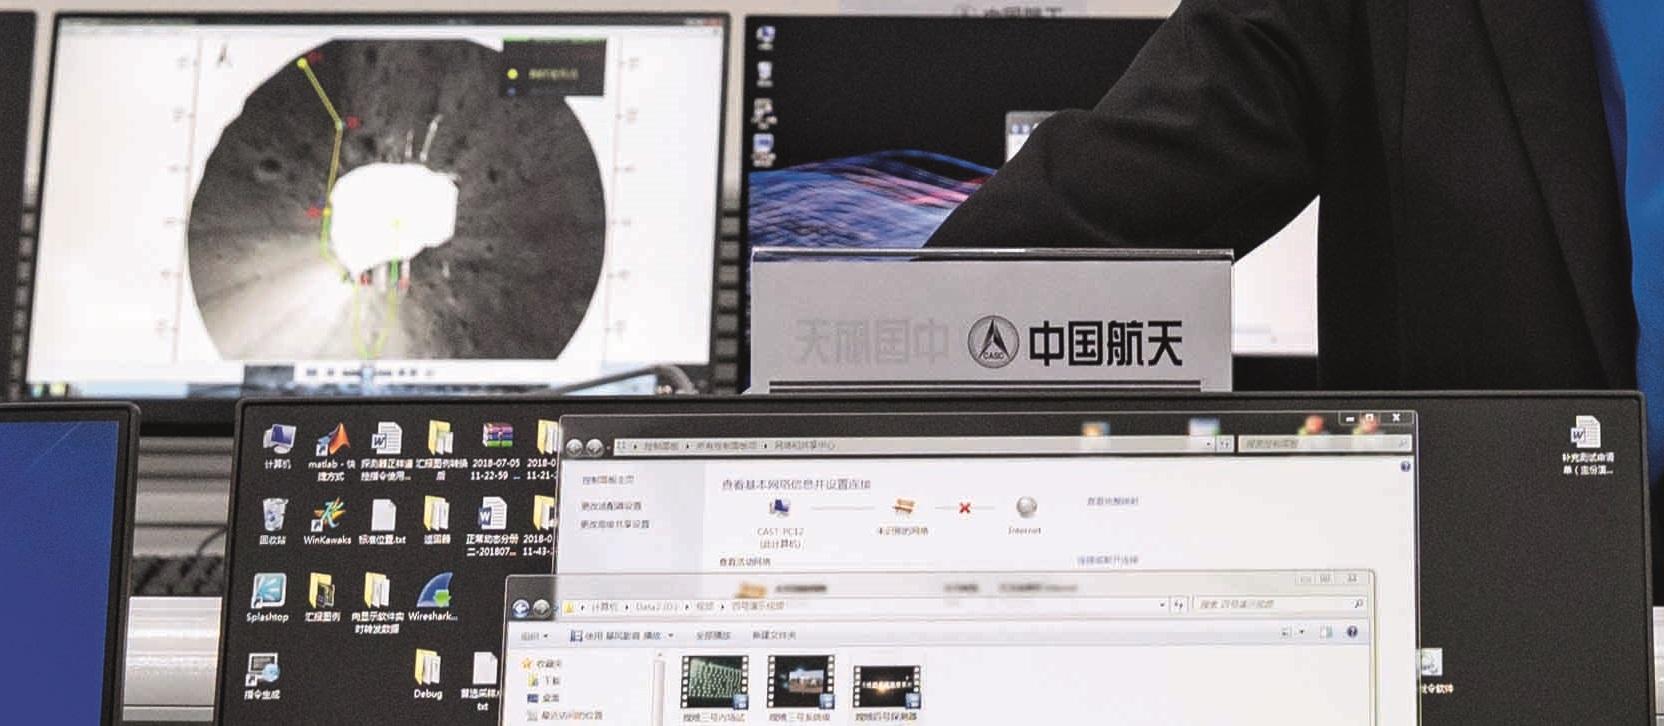 Интересные факты об истории Китайской лунной программы и космической миссии «Чанъэ-4» - 16